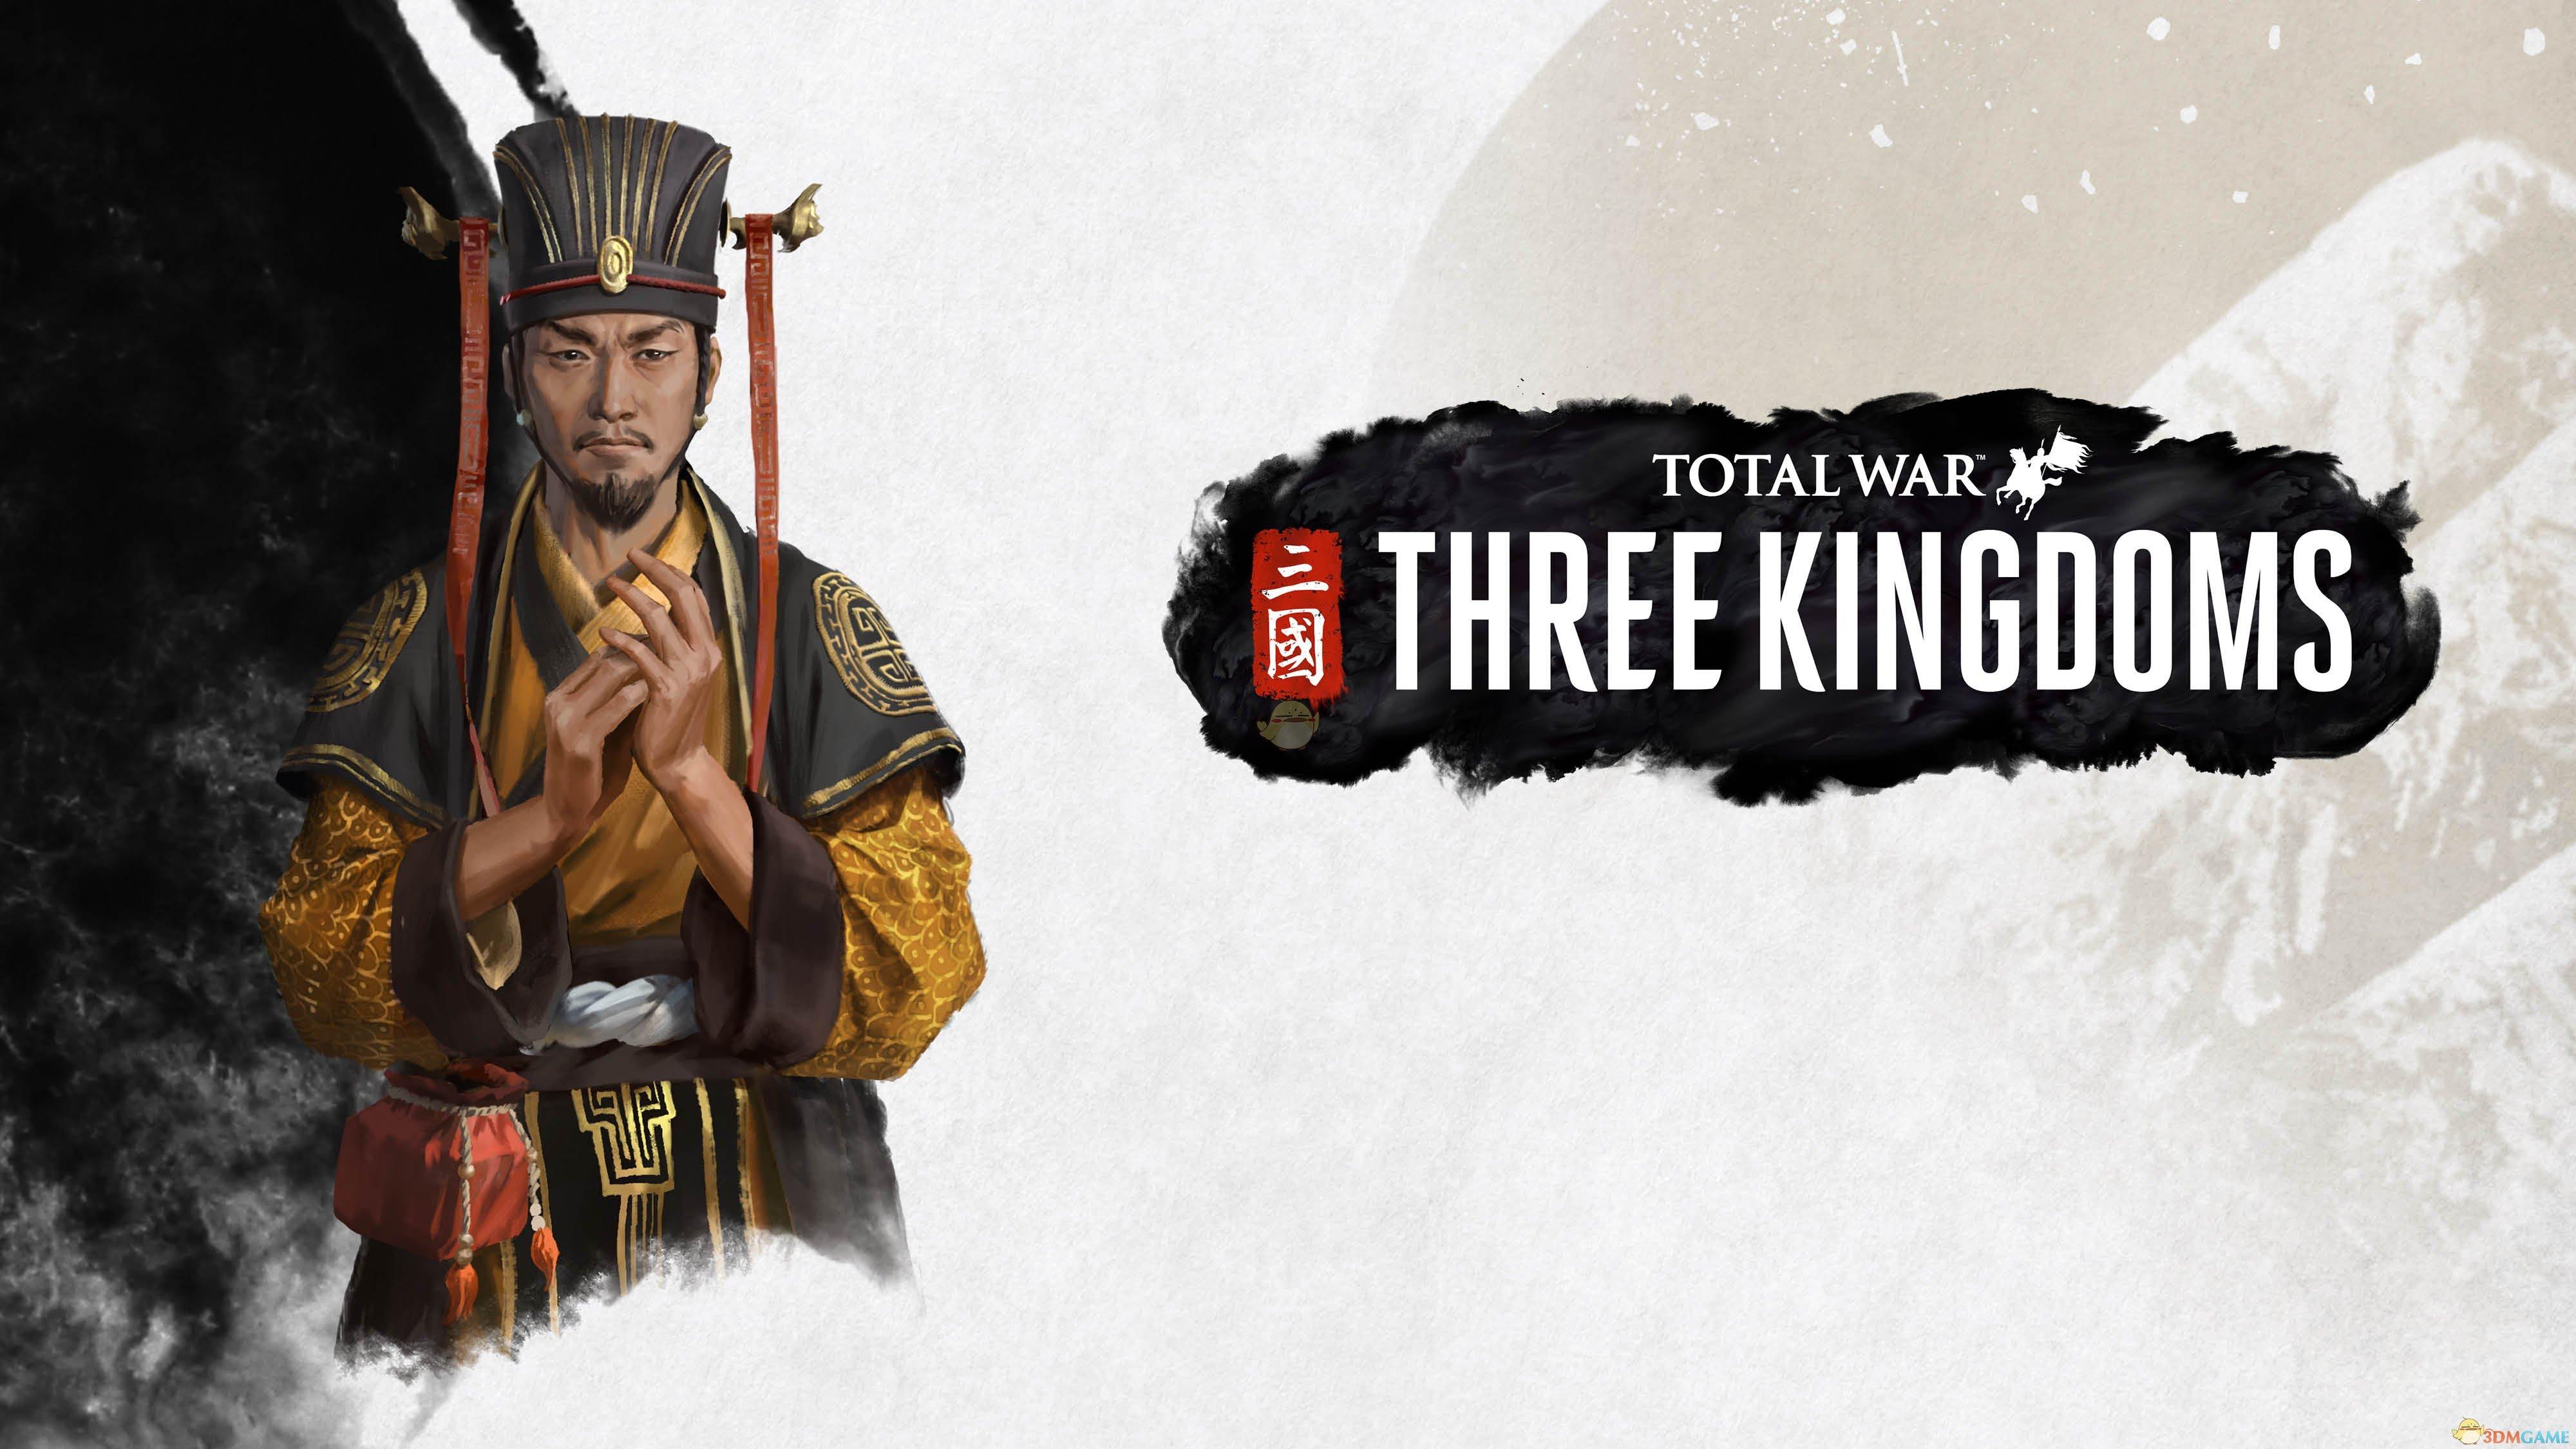 《全面战争:三国》袁术势力特性及玩法风格介绍